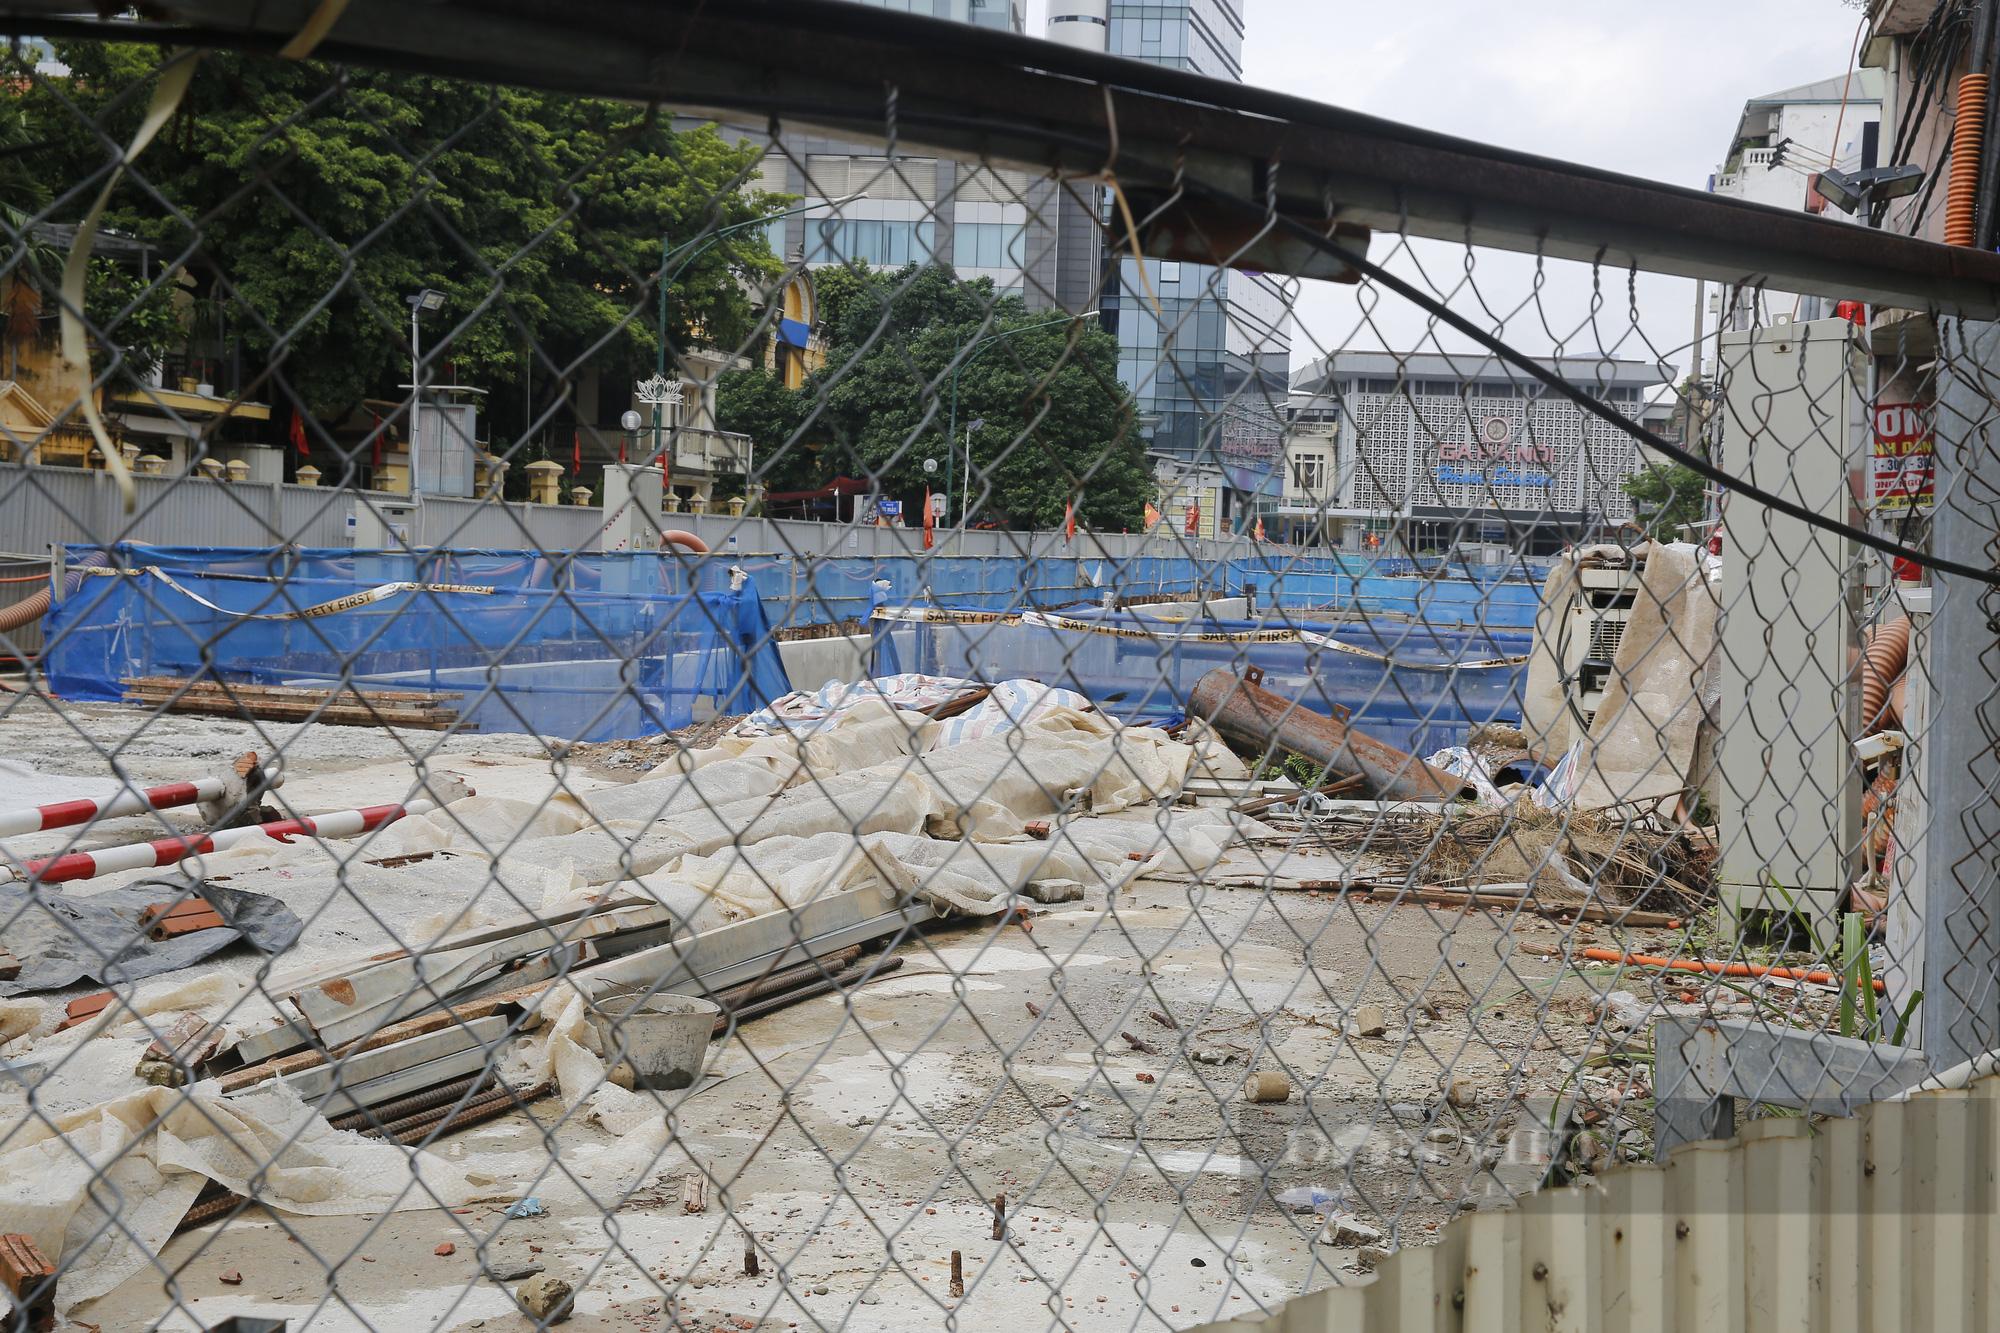 Cận cảnh khu vực ga ngầm tuyến Metro Nhổn - ga Hà Nội bị dừng thi công - Ảnh 3.